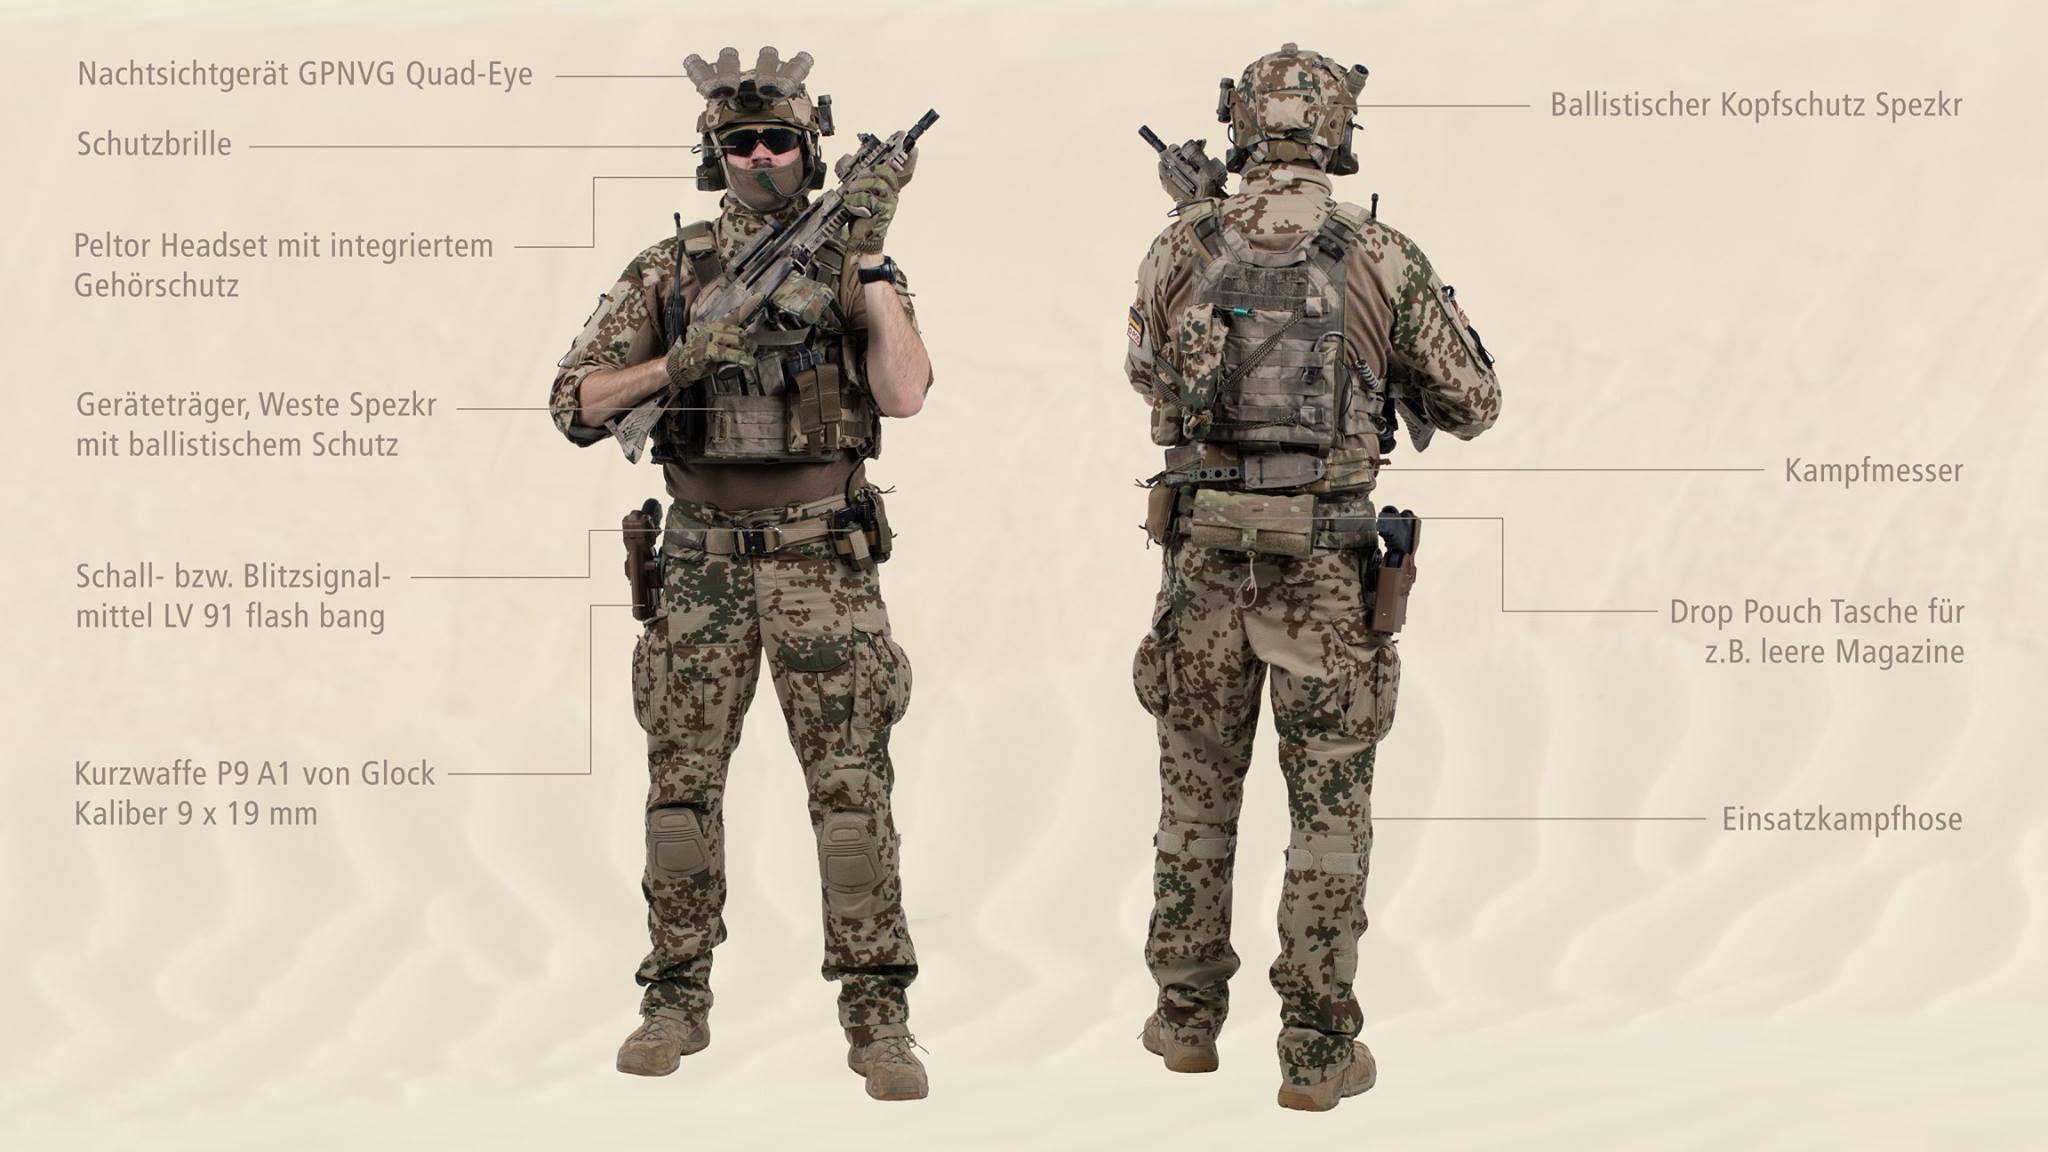 Klettergurt Edelweiss Eagle : Kommando spezialkräfte marine photobw.info